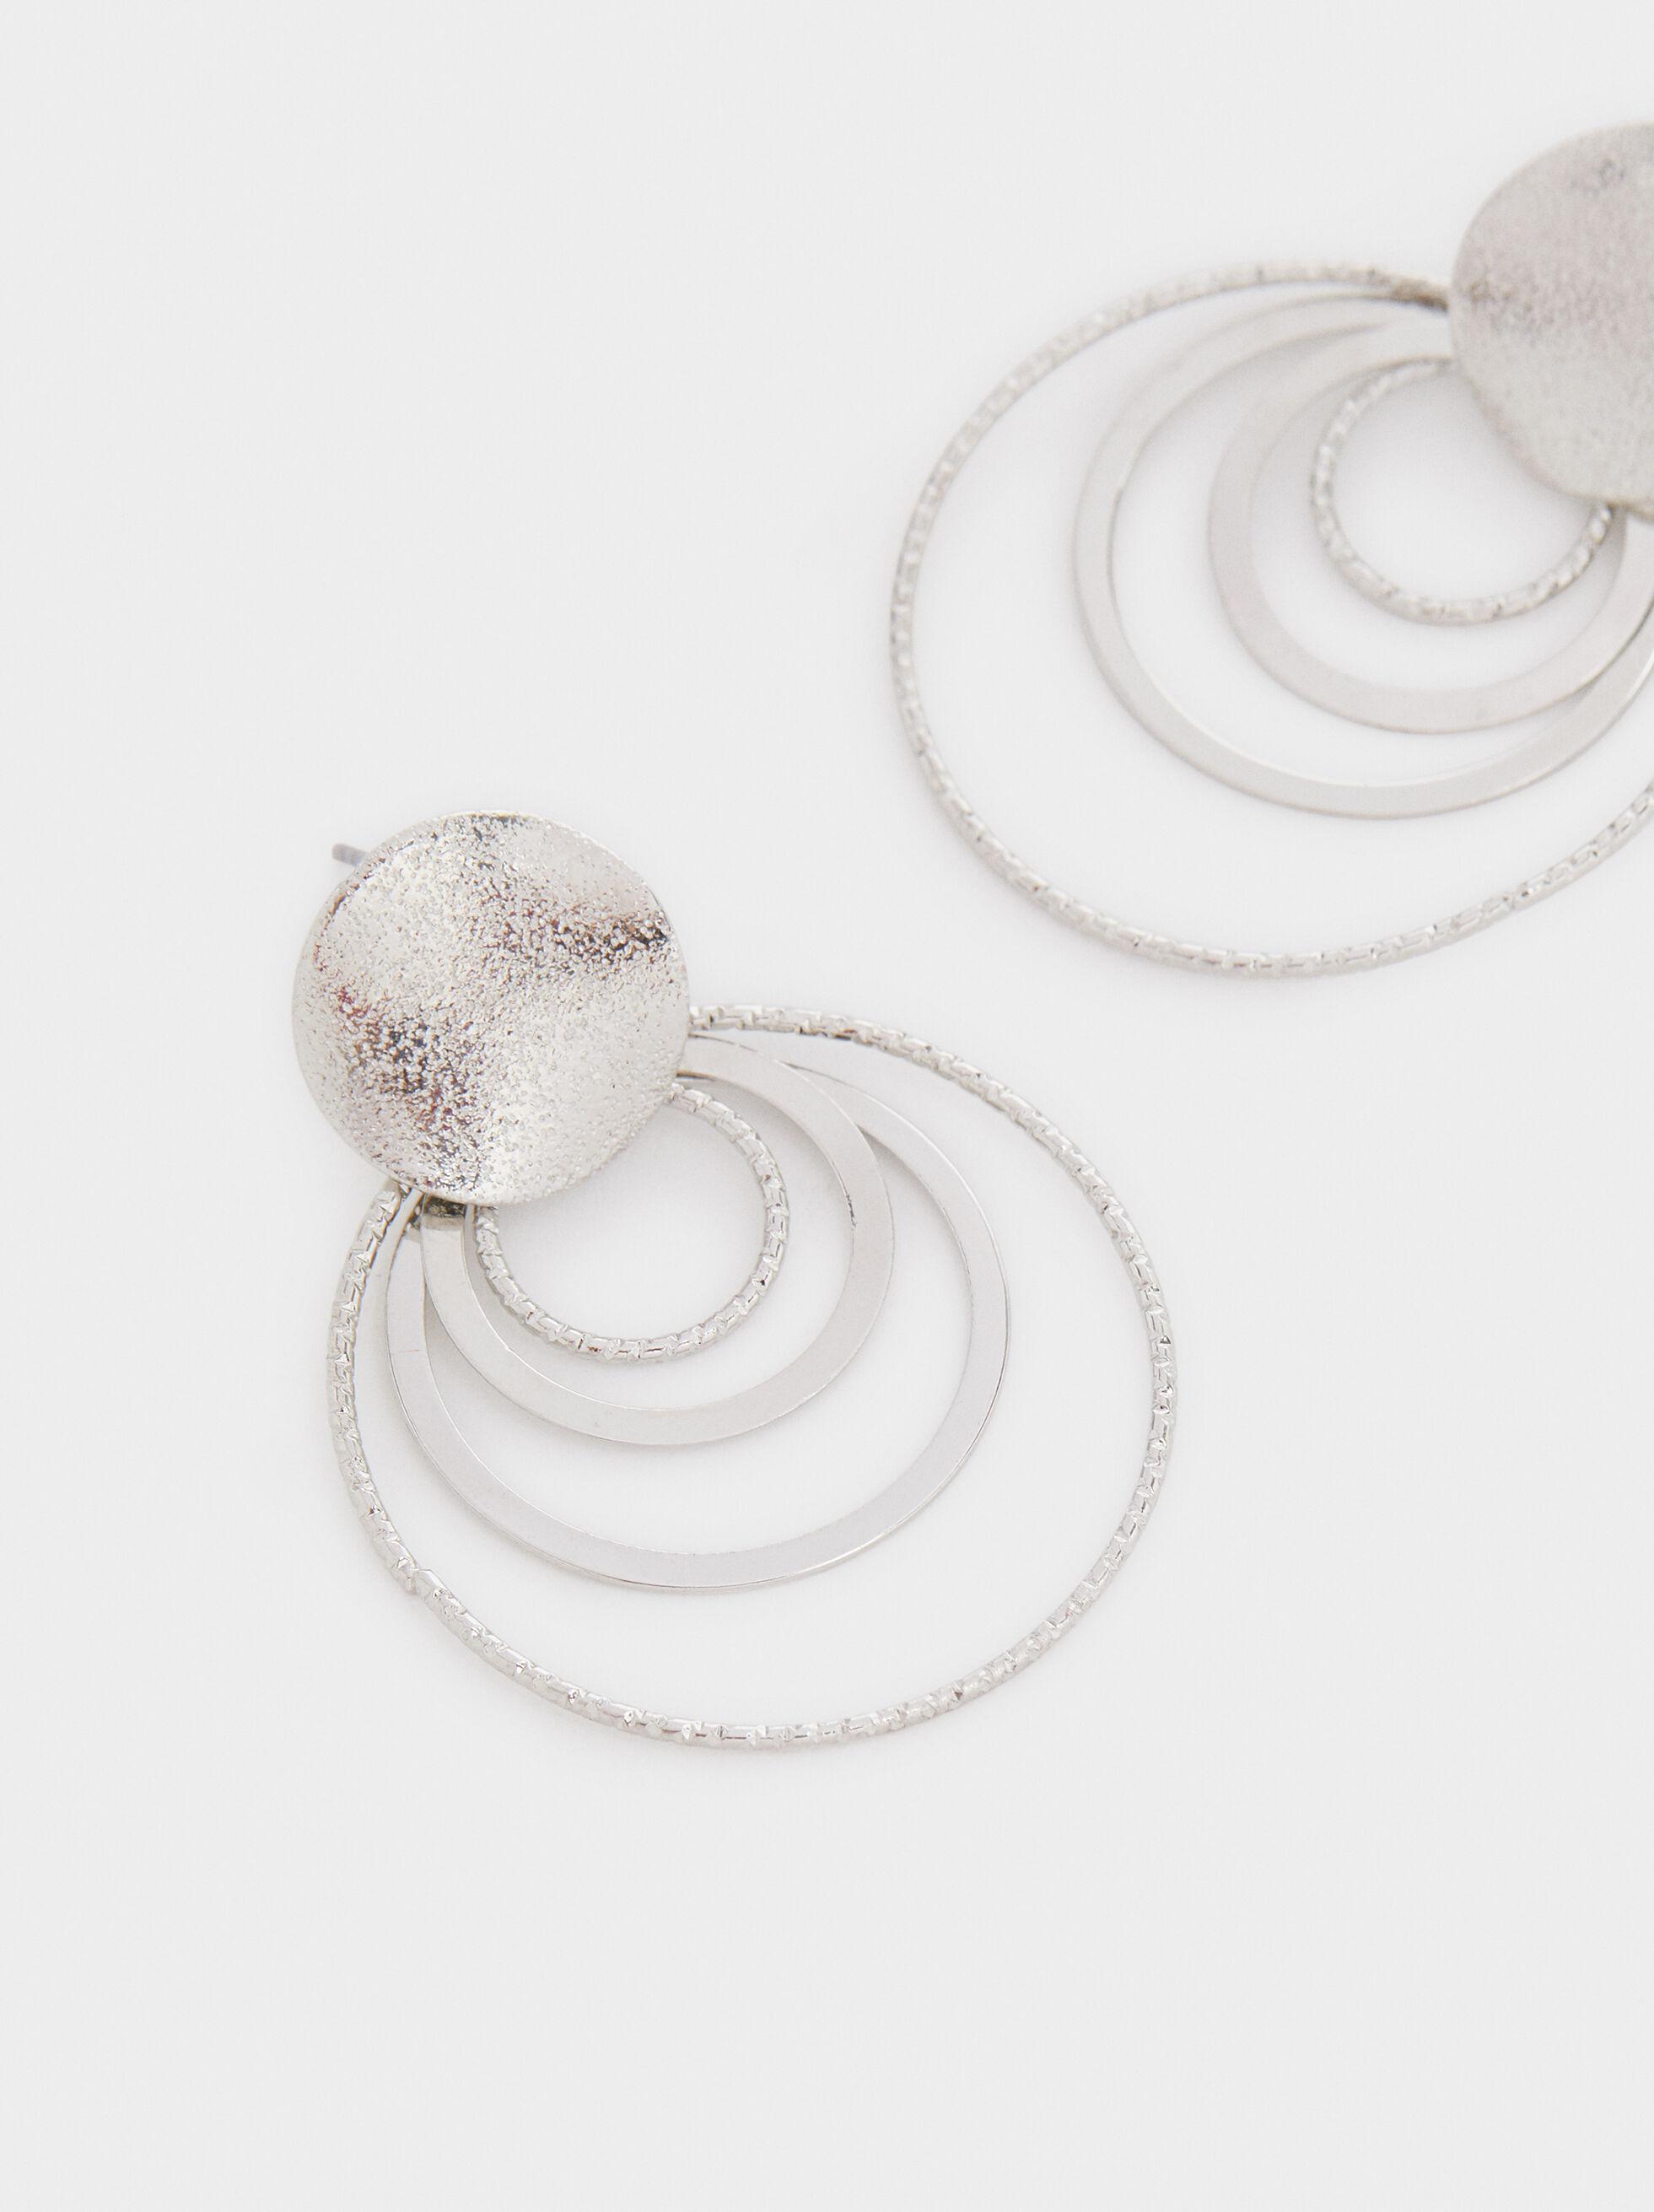 Medium Circle Earrings, Silver, hi-res